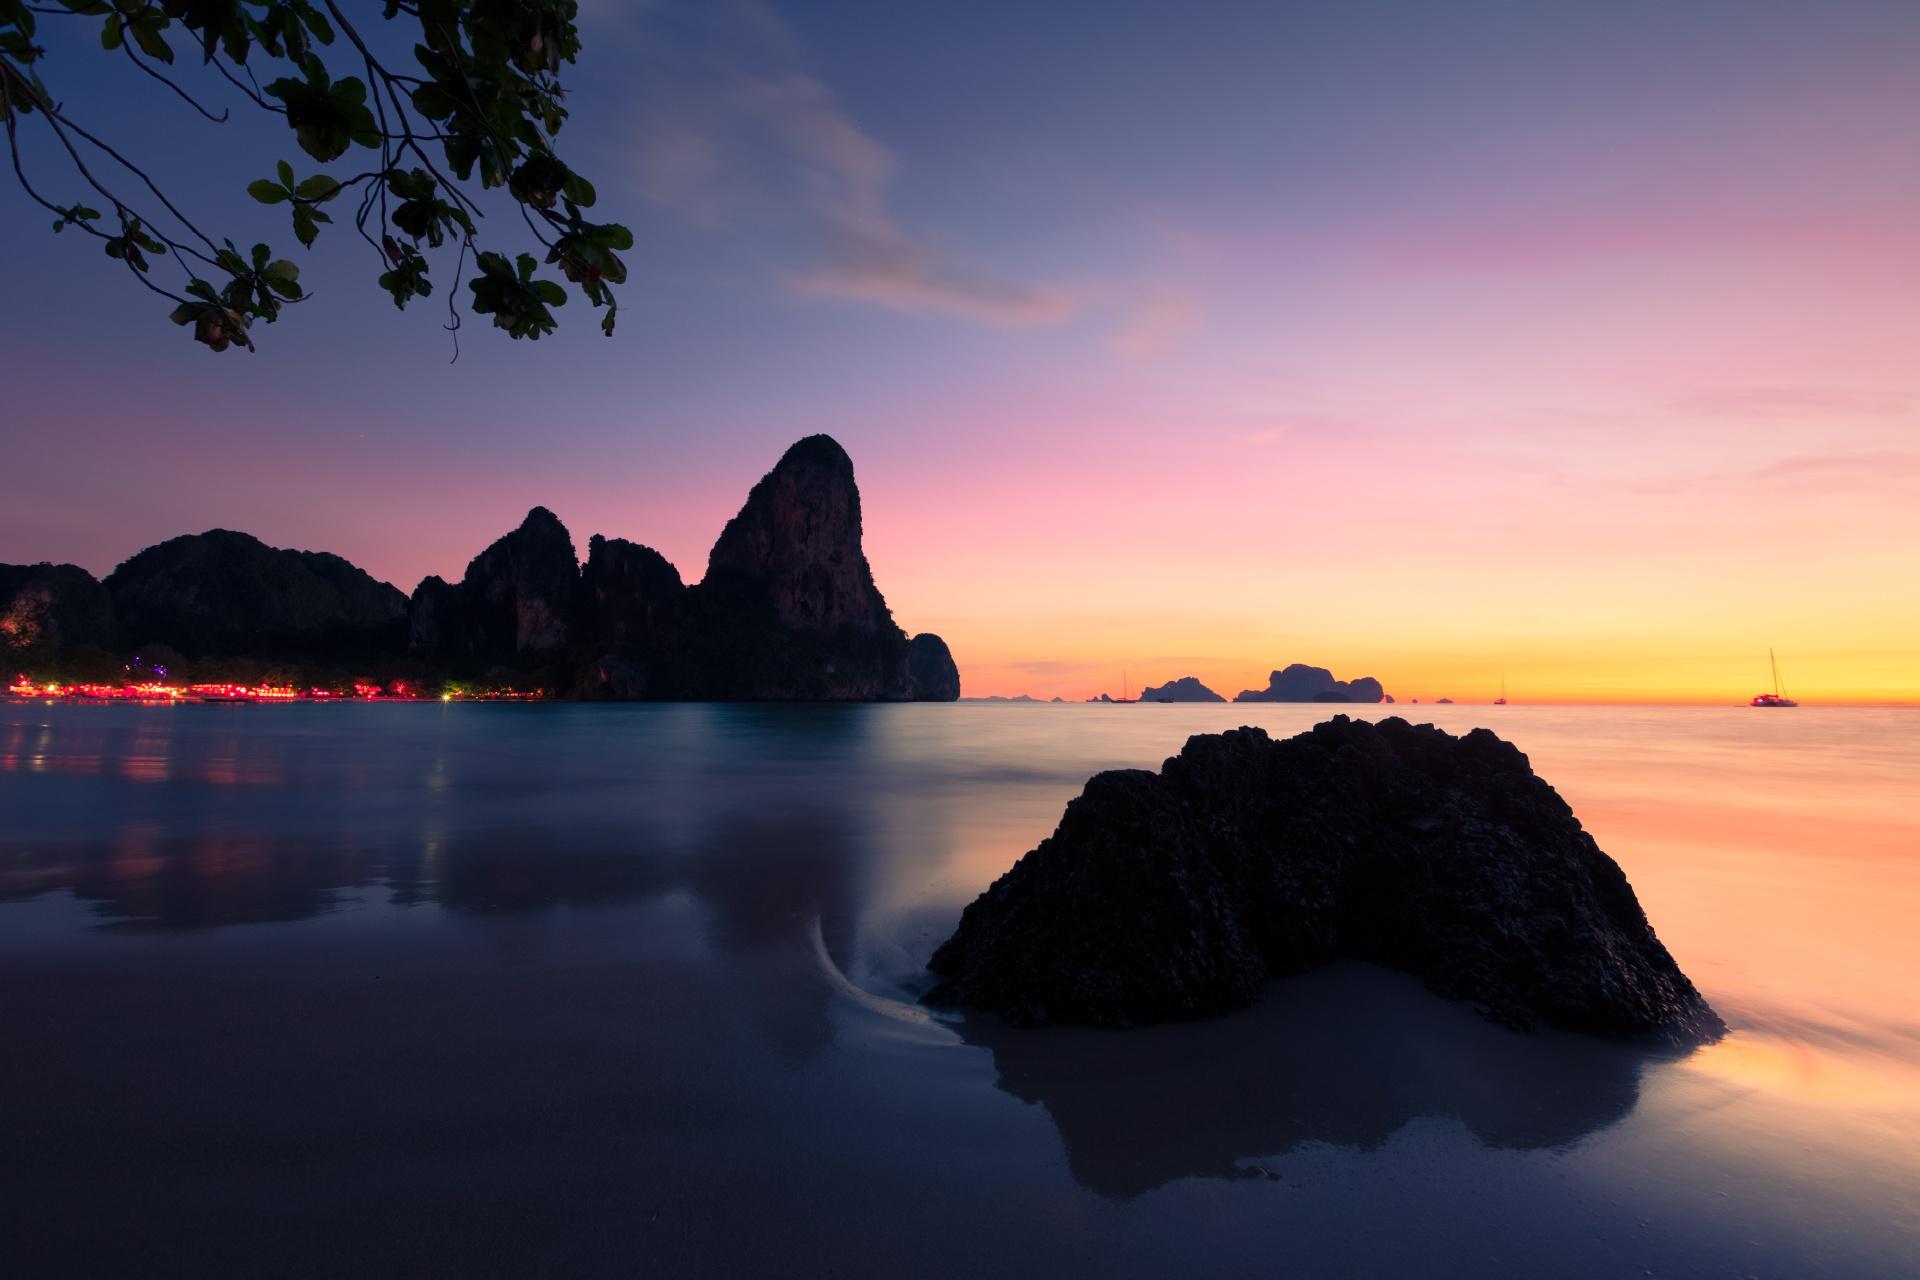 夕暮れのクラビーの浜辺の風景 タイの風景